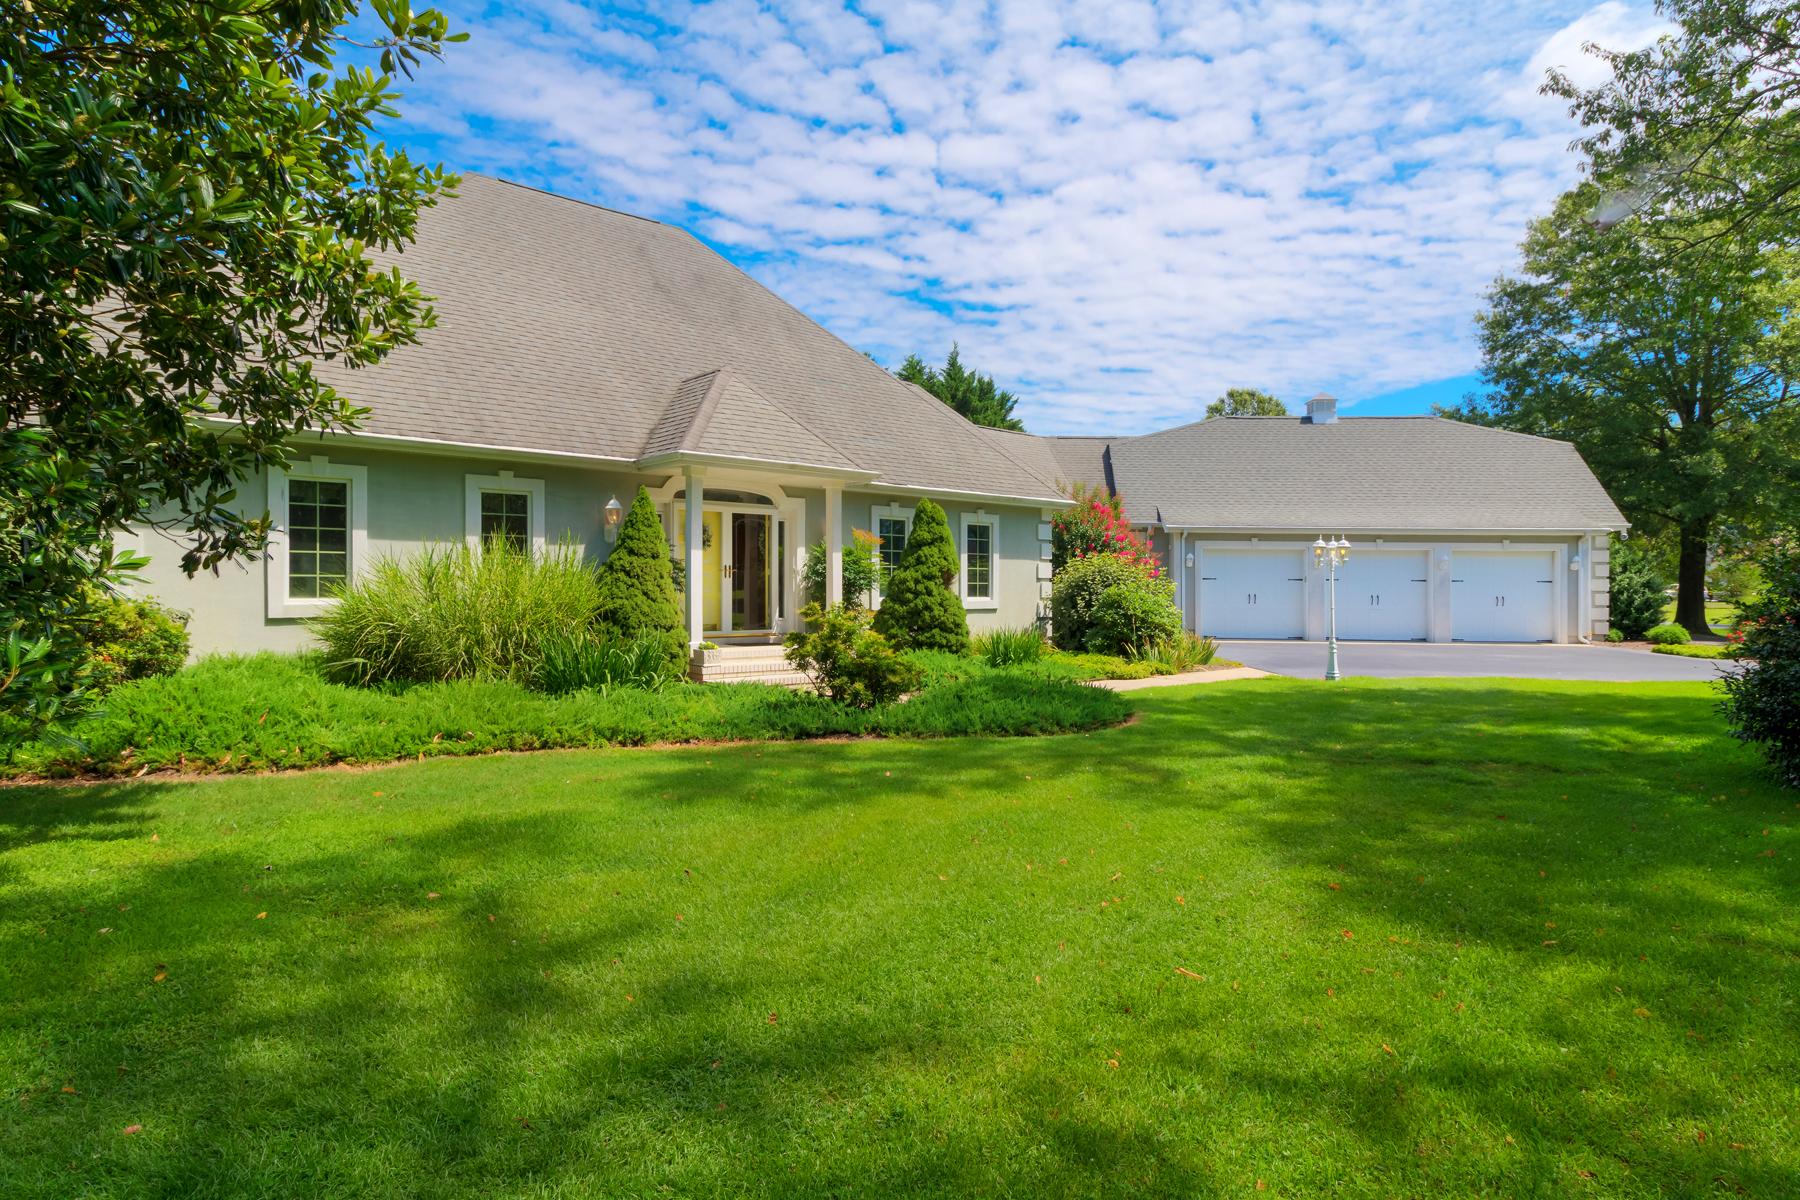 Частный односемейный дом для того Продажа на 120 Creekside Dr , Dagsboro, DE 19939 120 Creekside Dr Dagsboro, Делавэр 19939 Соединенные Штаты